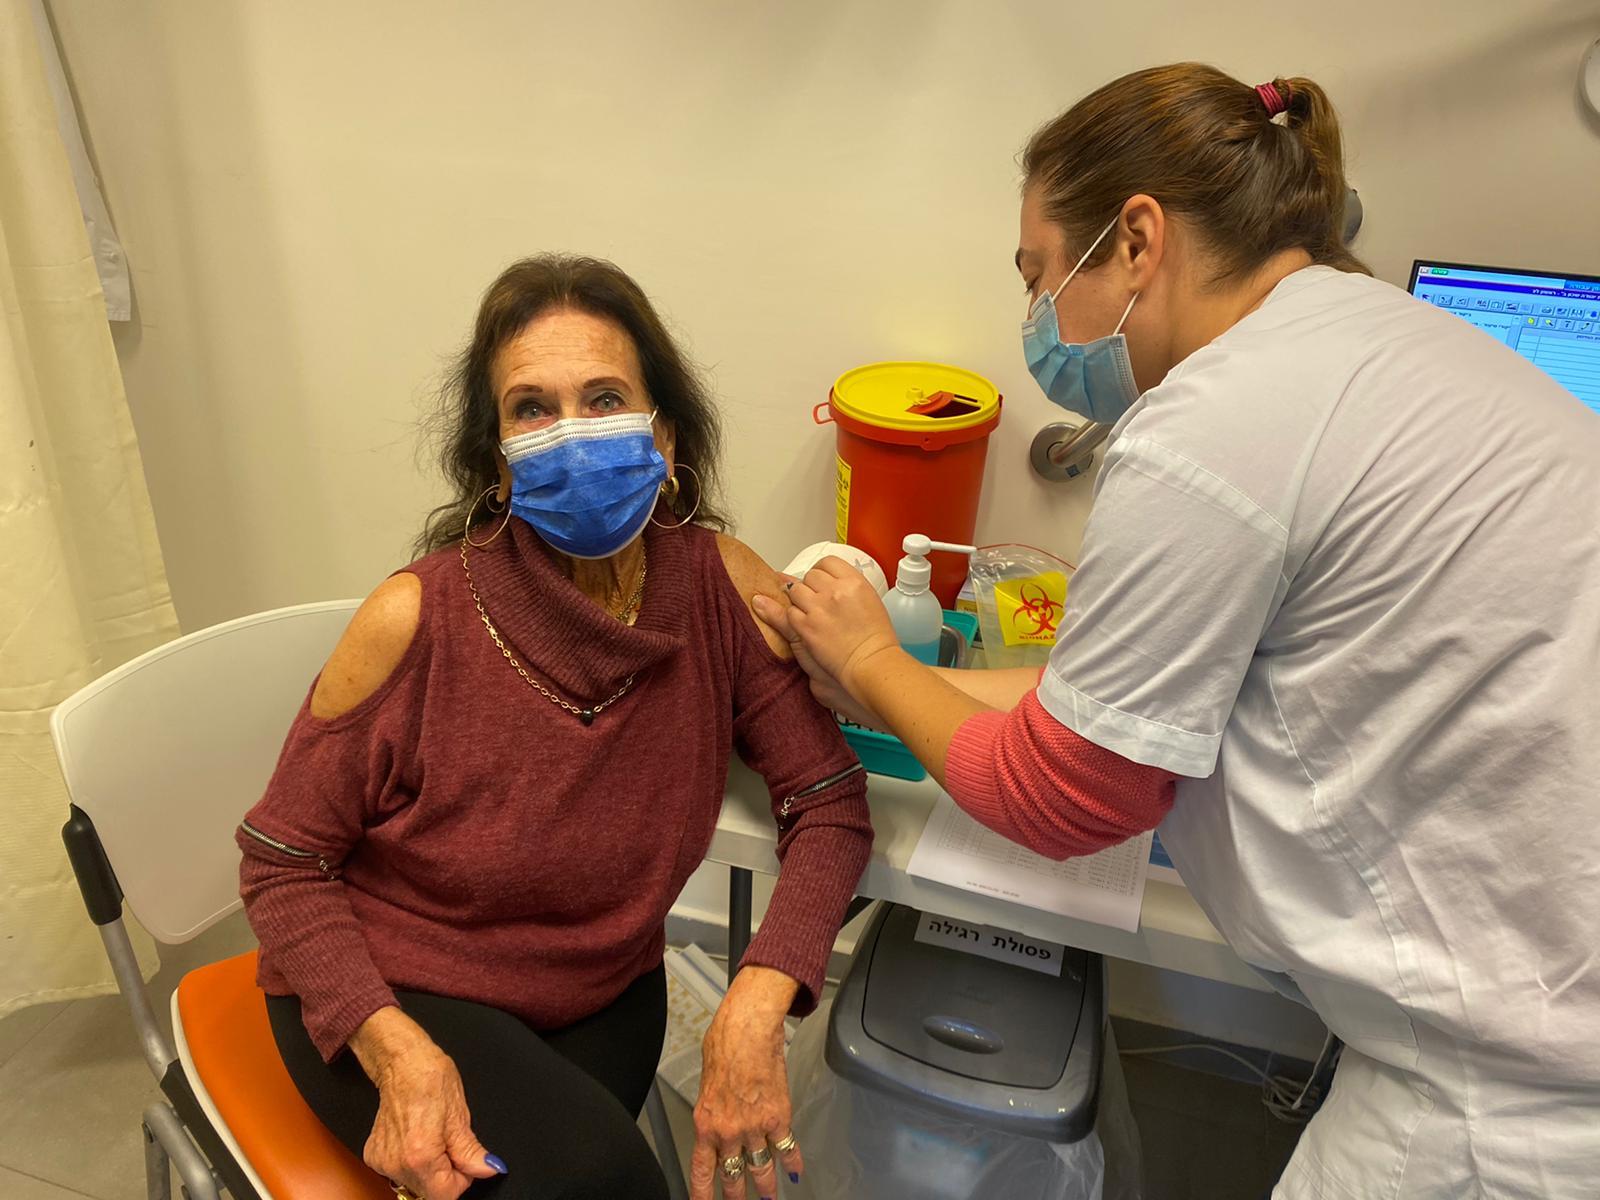 החיסון לקורונה: חנה (85) התחסנה ולאחר 10 חודשים, יכולה לארח שוב את כל המשפחה בהרכב מלא